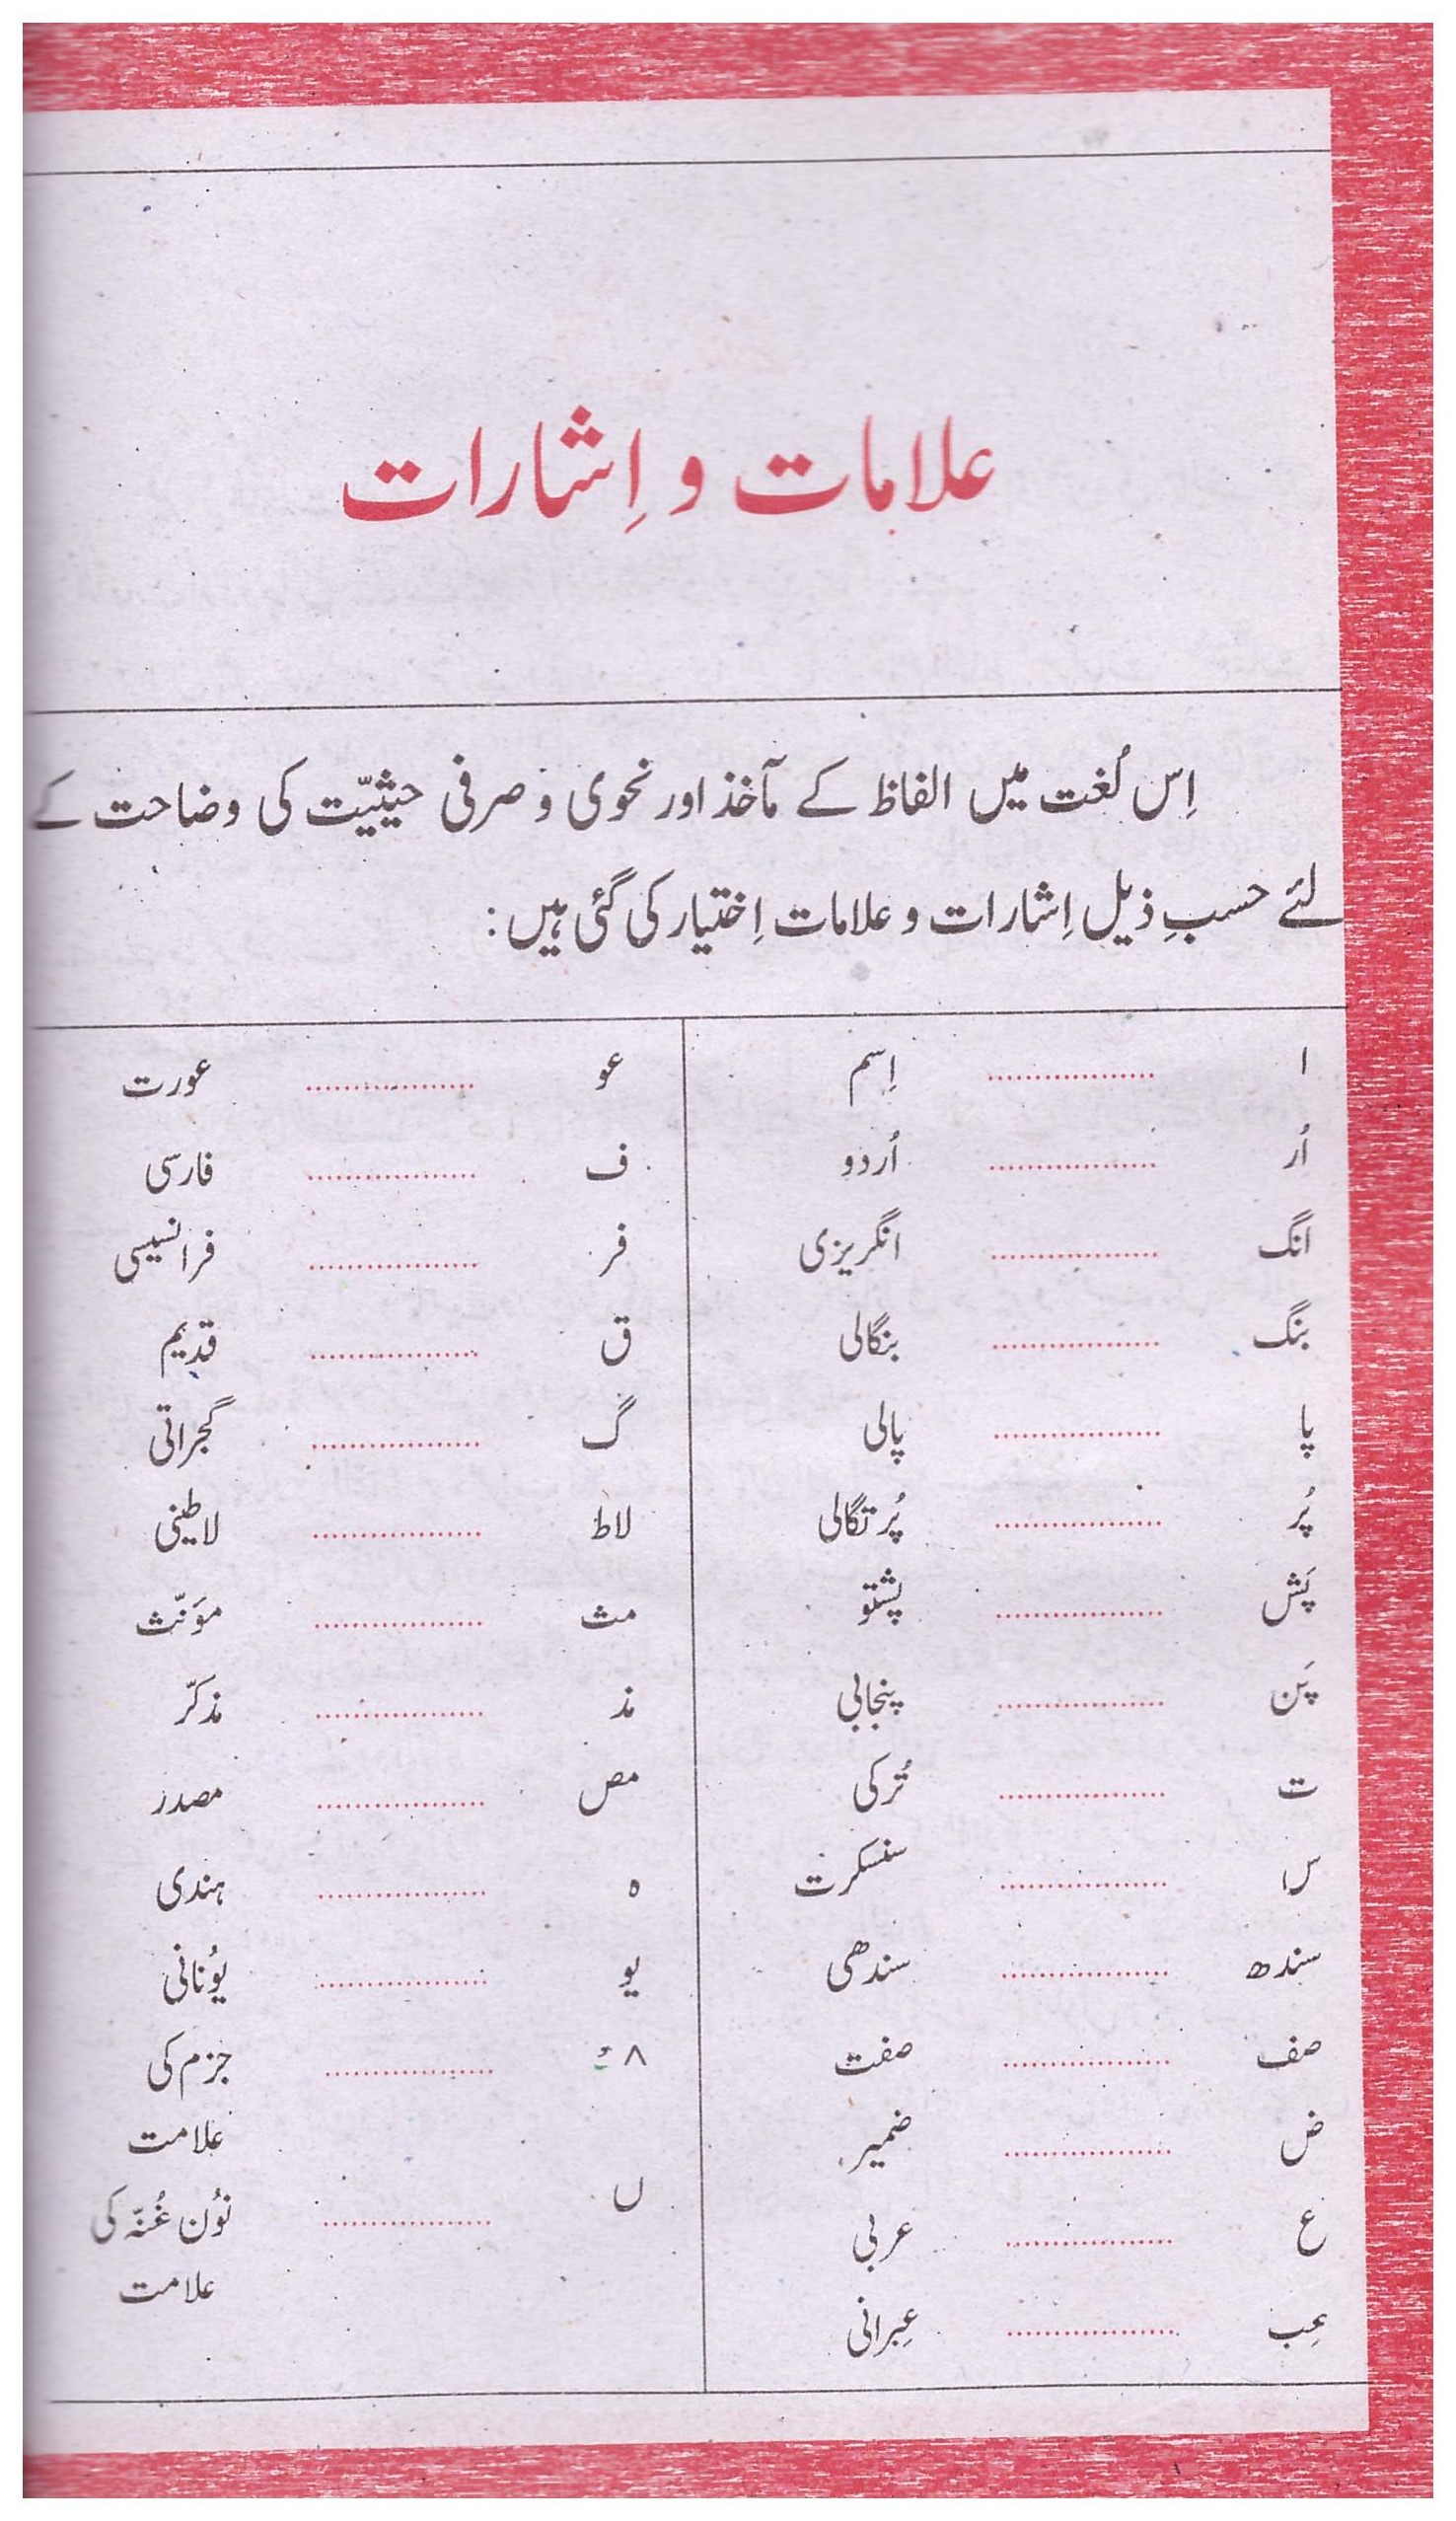 Urdu Lughat Pdf